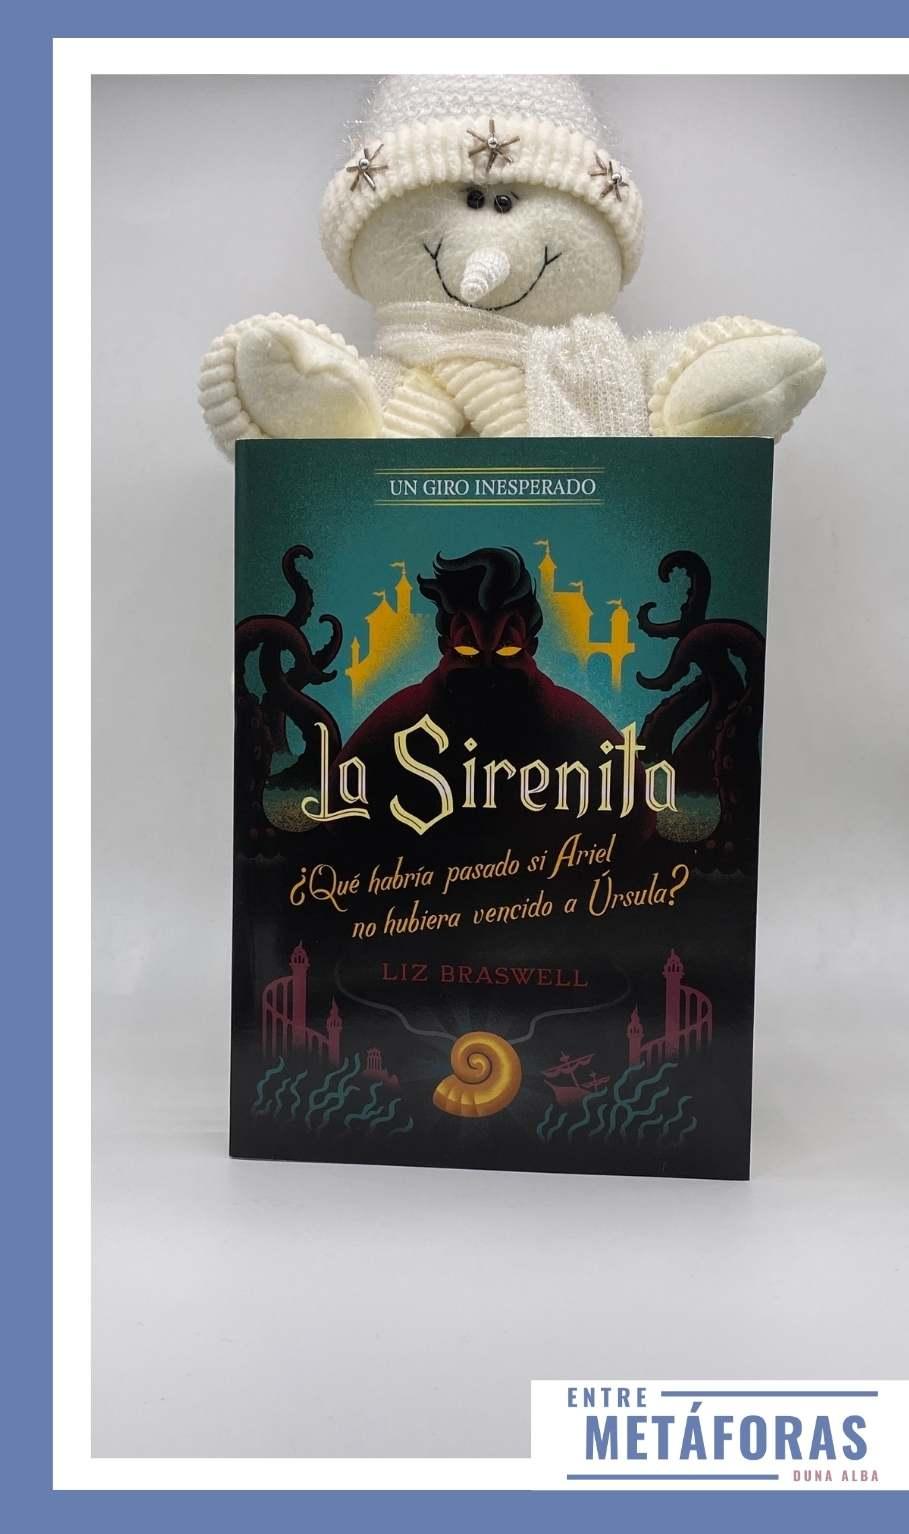 La Sirenita. Un giro inesperado, de Liz Braswell